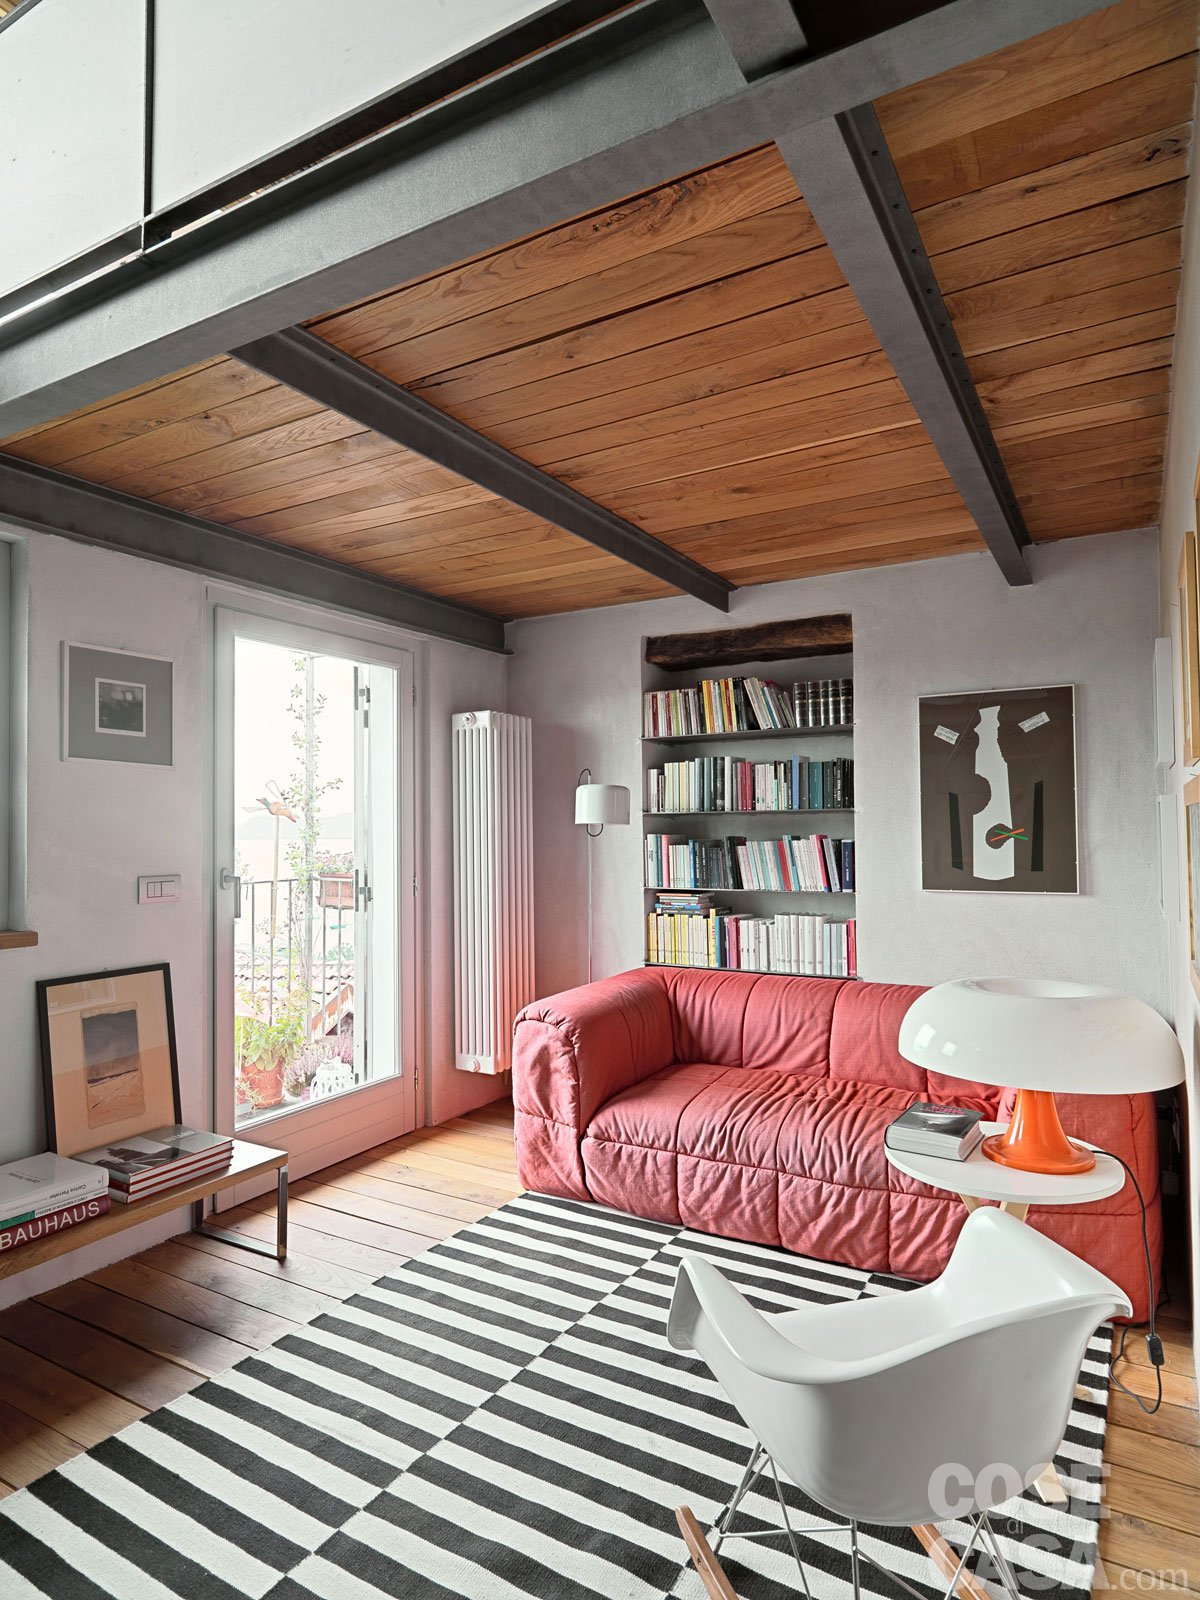 65 mq una casa che si sviluppa in verticale cose di casa for Case classiche arredate